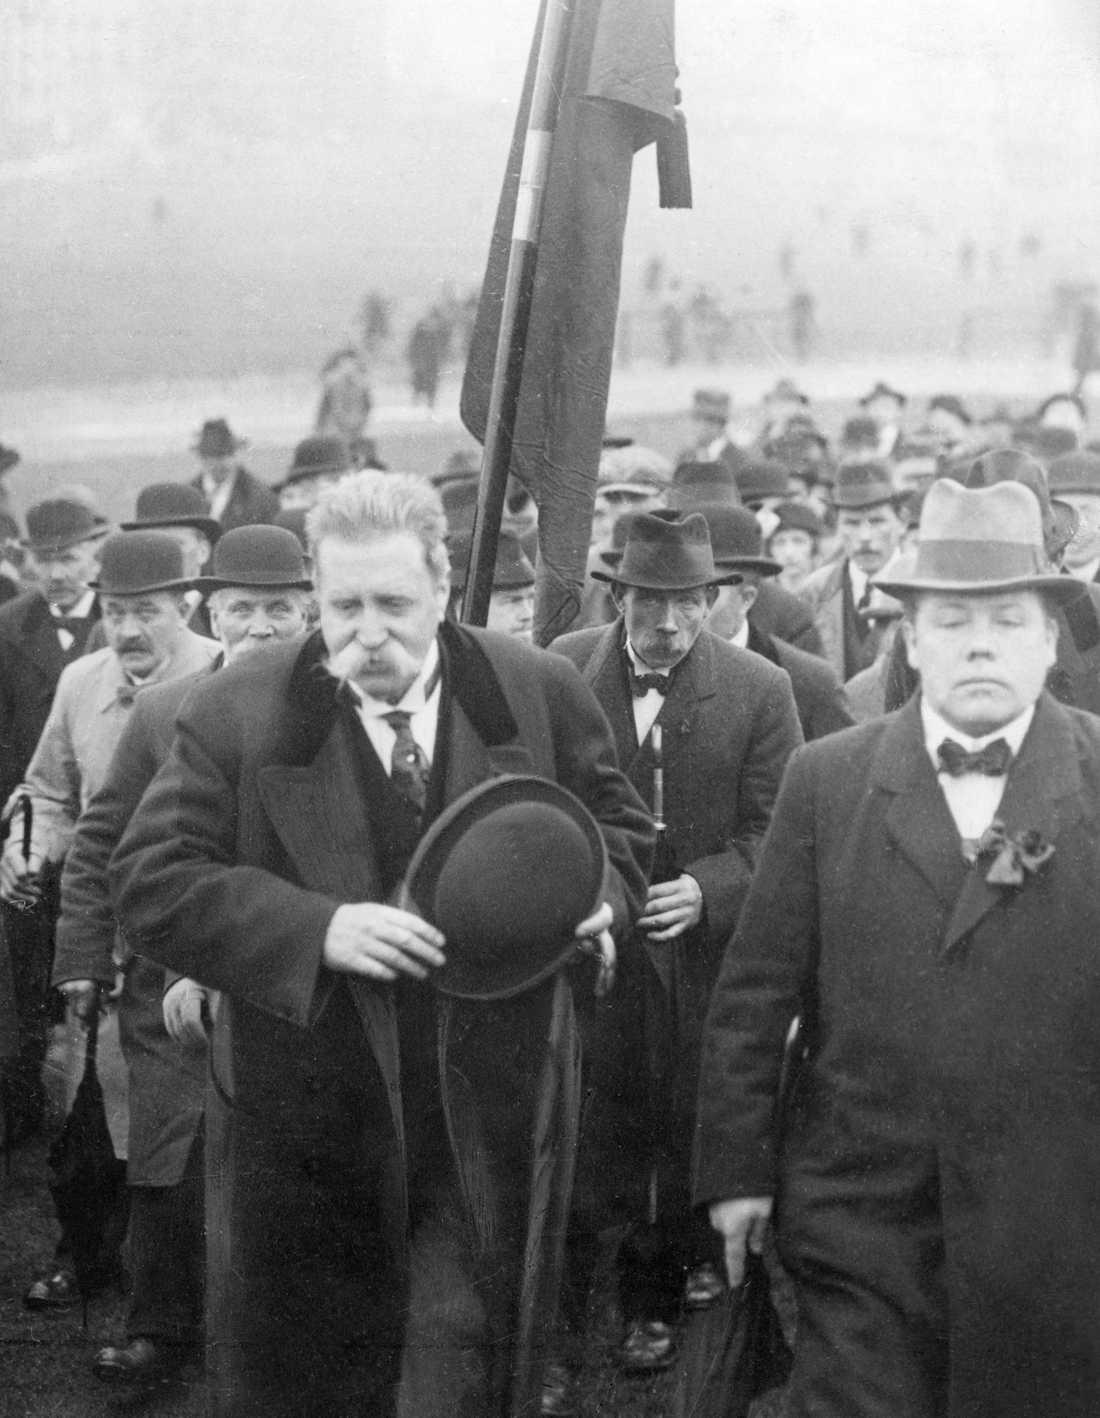 Den 1 maj 1920 tvingades statsminister Hjalmar Branting avbryta sitt talande efter beskedet att kronprinsessan Margareta avlidit. Arkivbild.